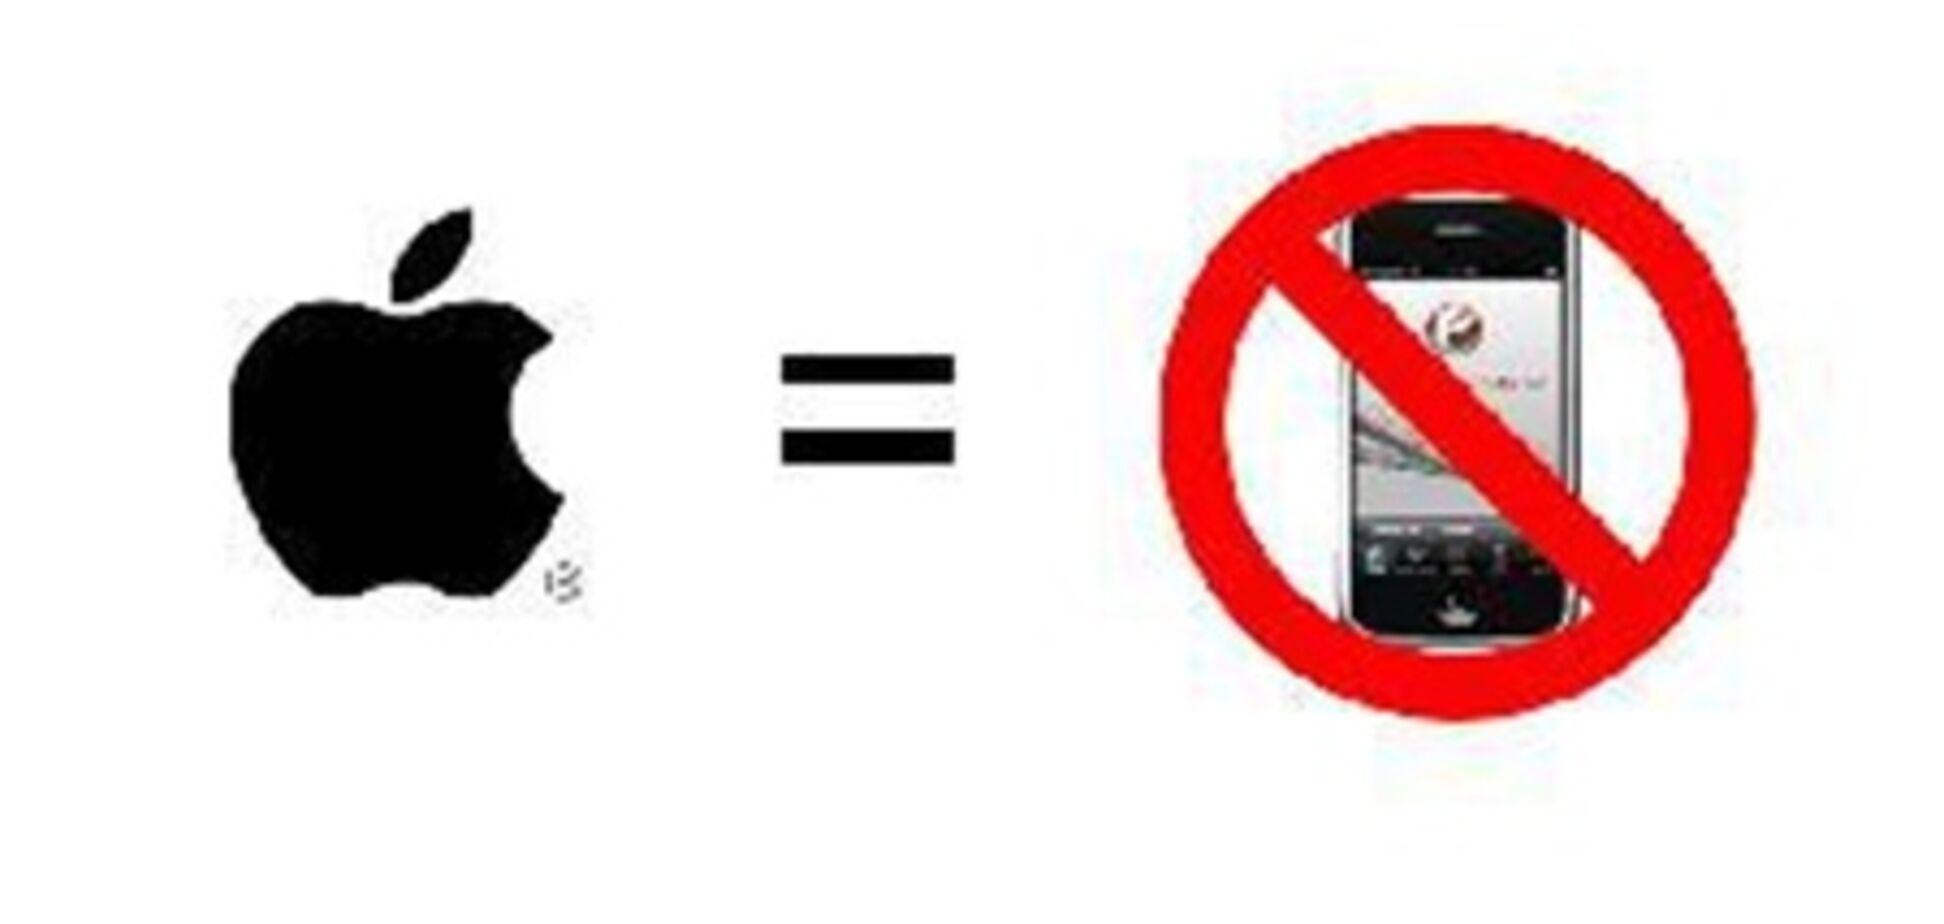 Apple відмовилася від програми, яка здатна 'вилікувати' гомосексуалізм